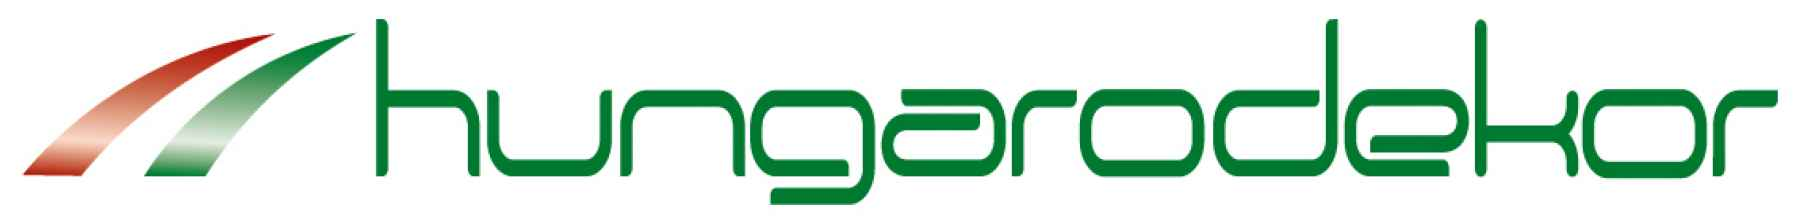 Hungarodekor logója